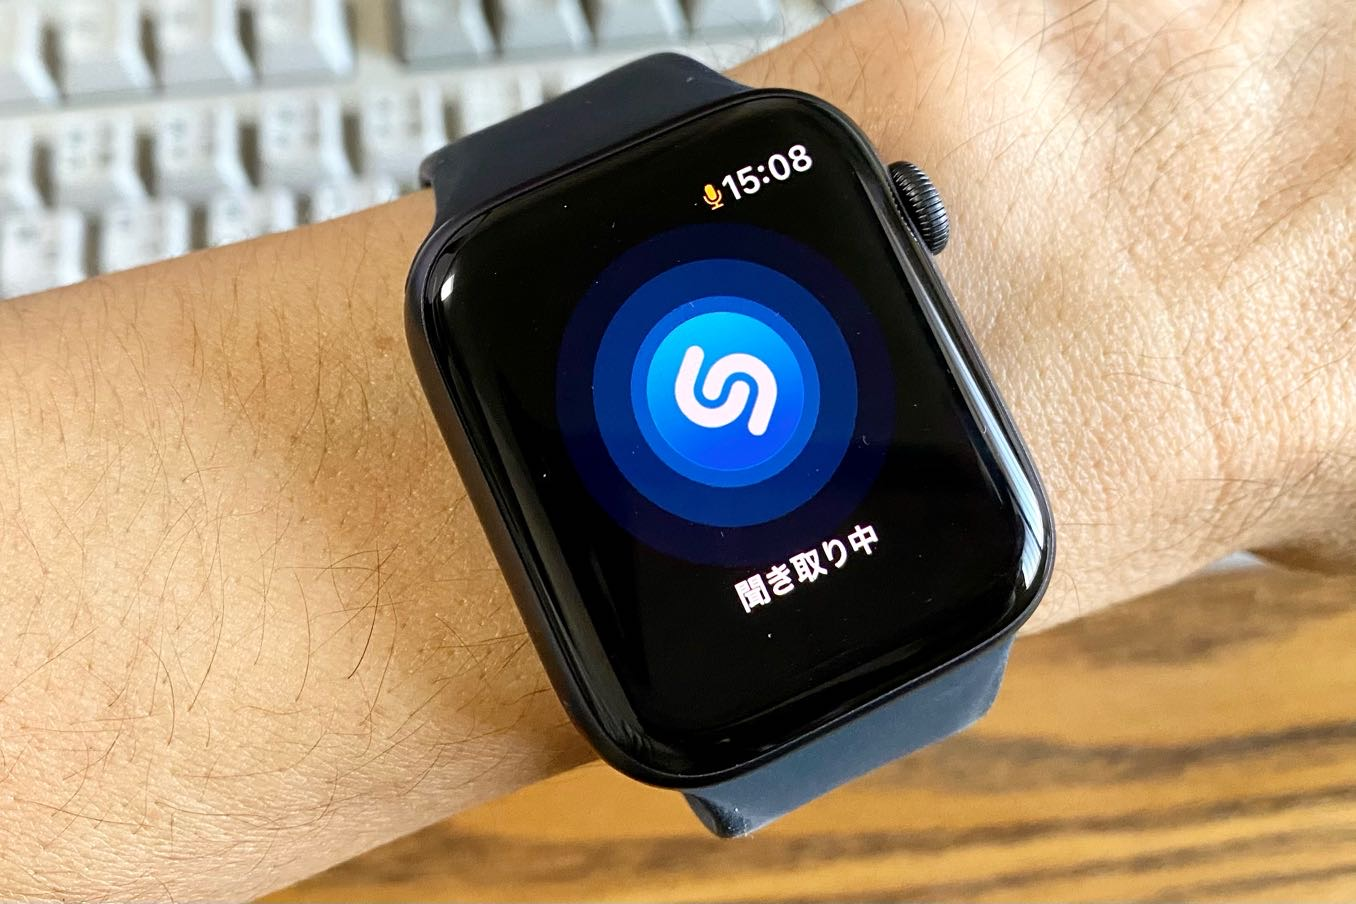 「Shazam」でかかっている音楽を調べる